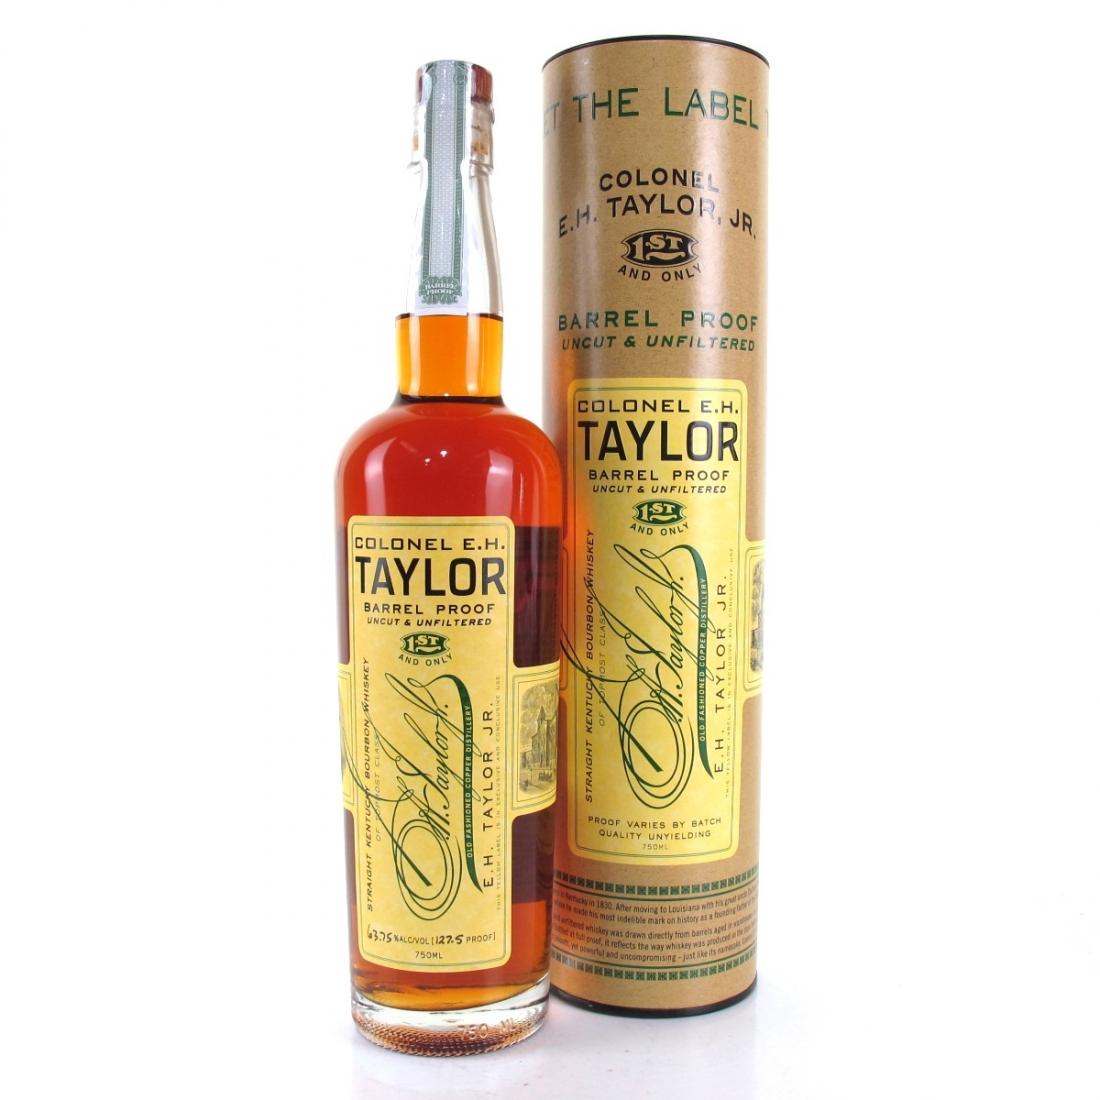 Colonel E.H Taylor Barrel Proof 2016 Release